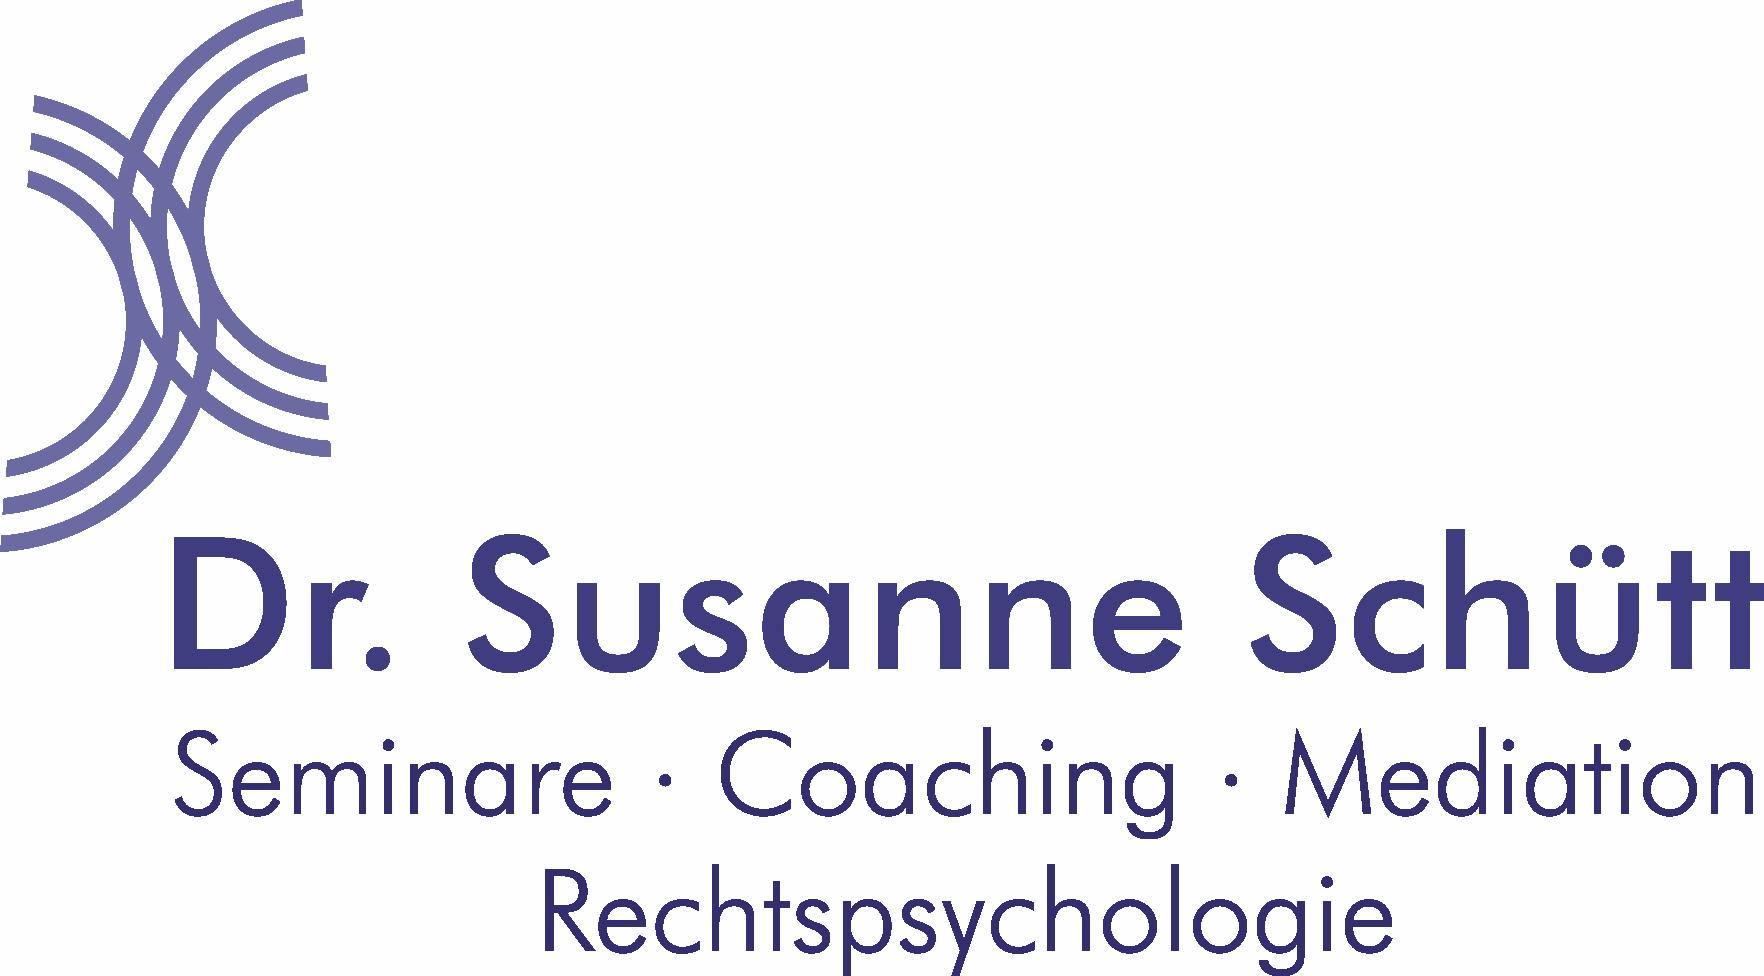 Dr. Susanne Schütt